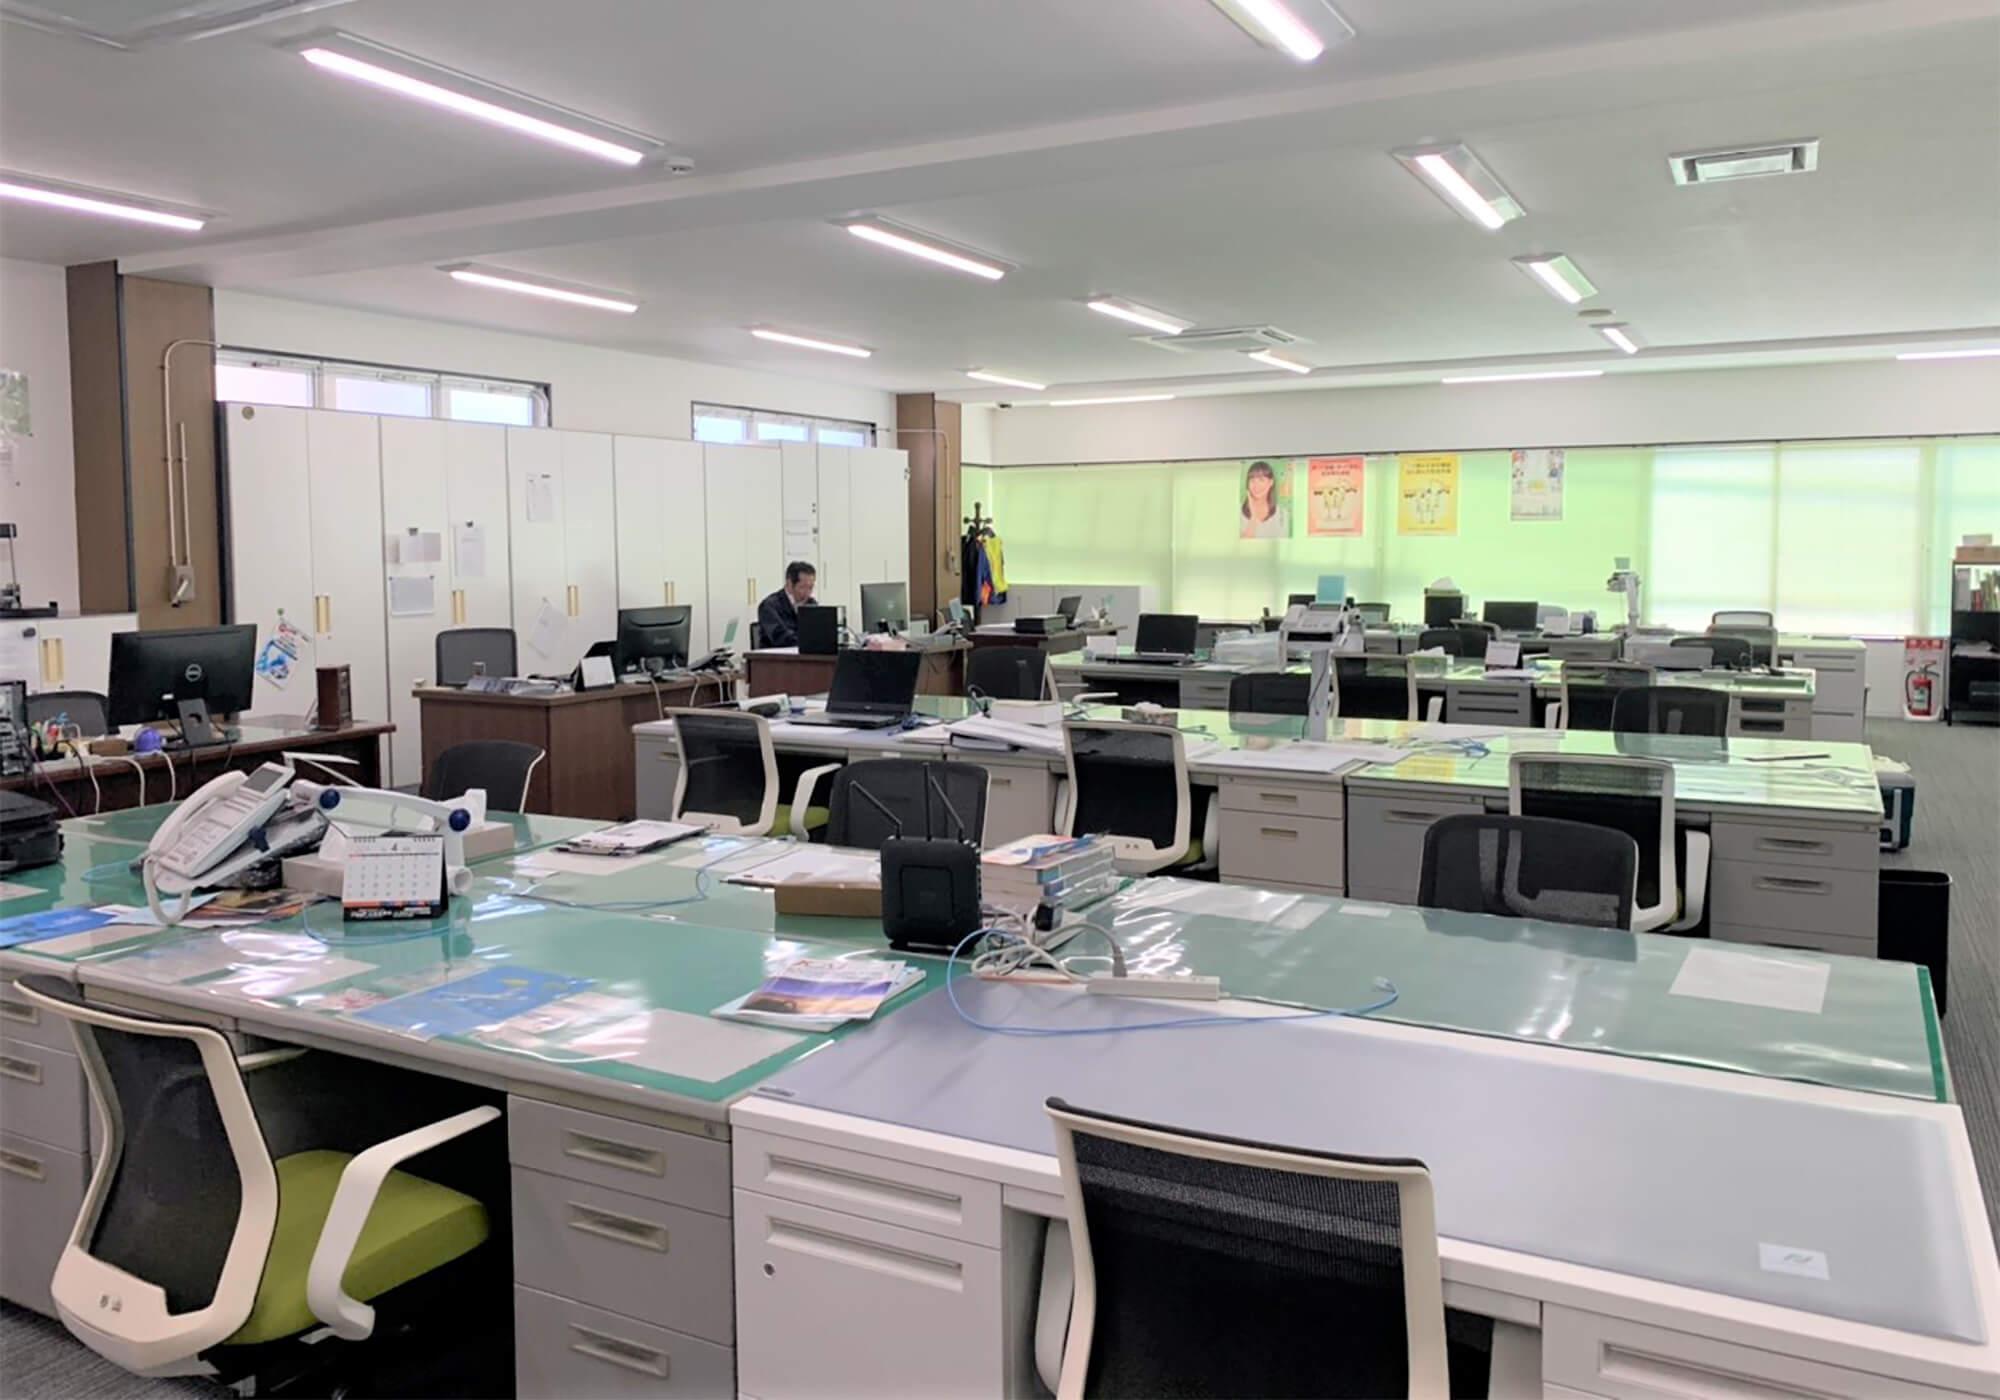 静岡営業所 オフィス